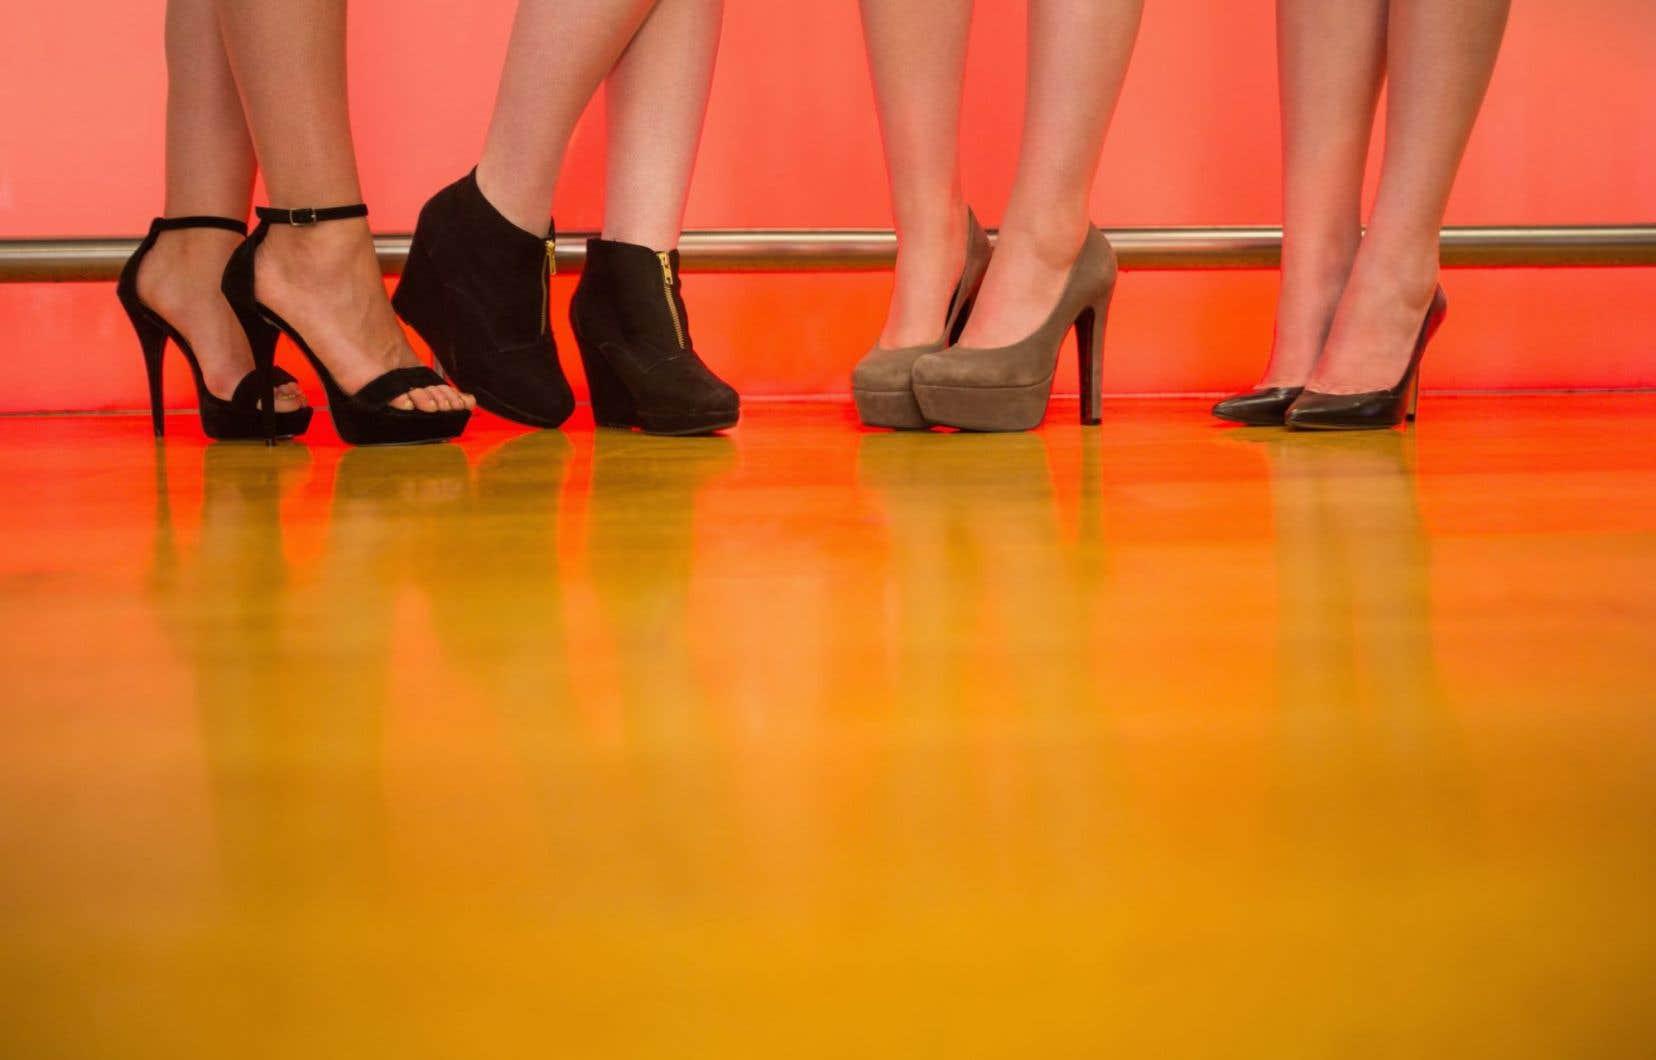 Car tout dans les escarpins, de l'arc bouté du pied, du cuir qui colle sur la peau, jusqu'à la commissure des orteils avant que se referme le soulier évoque un érotisme sexuellement chargé.